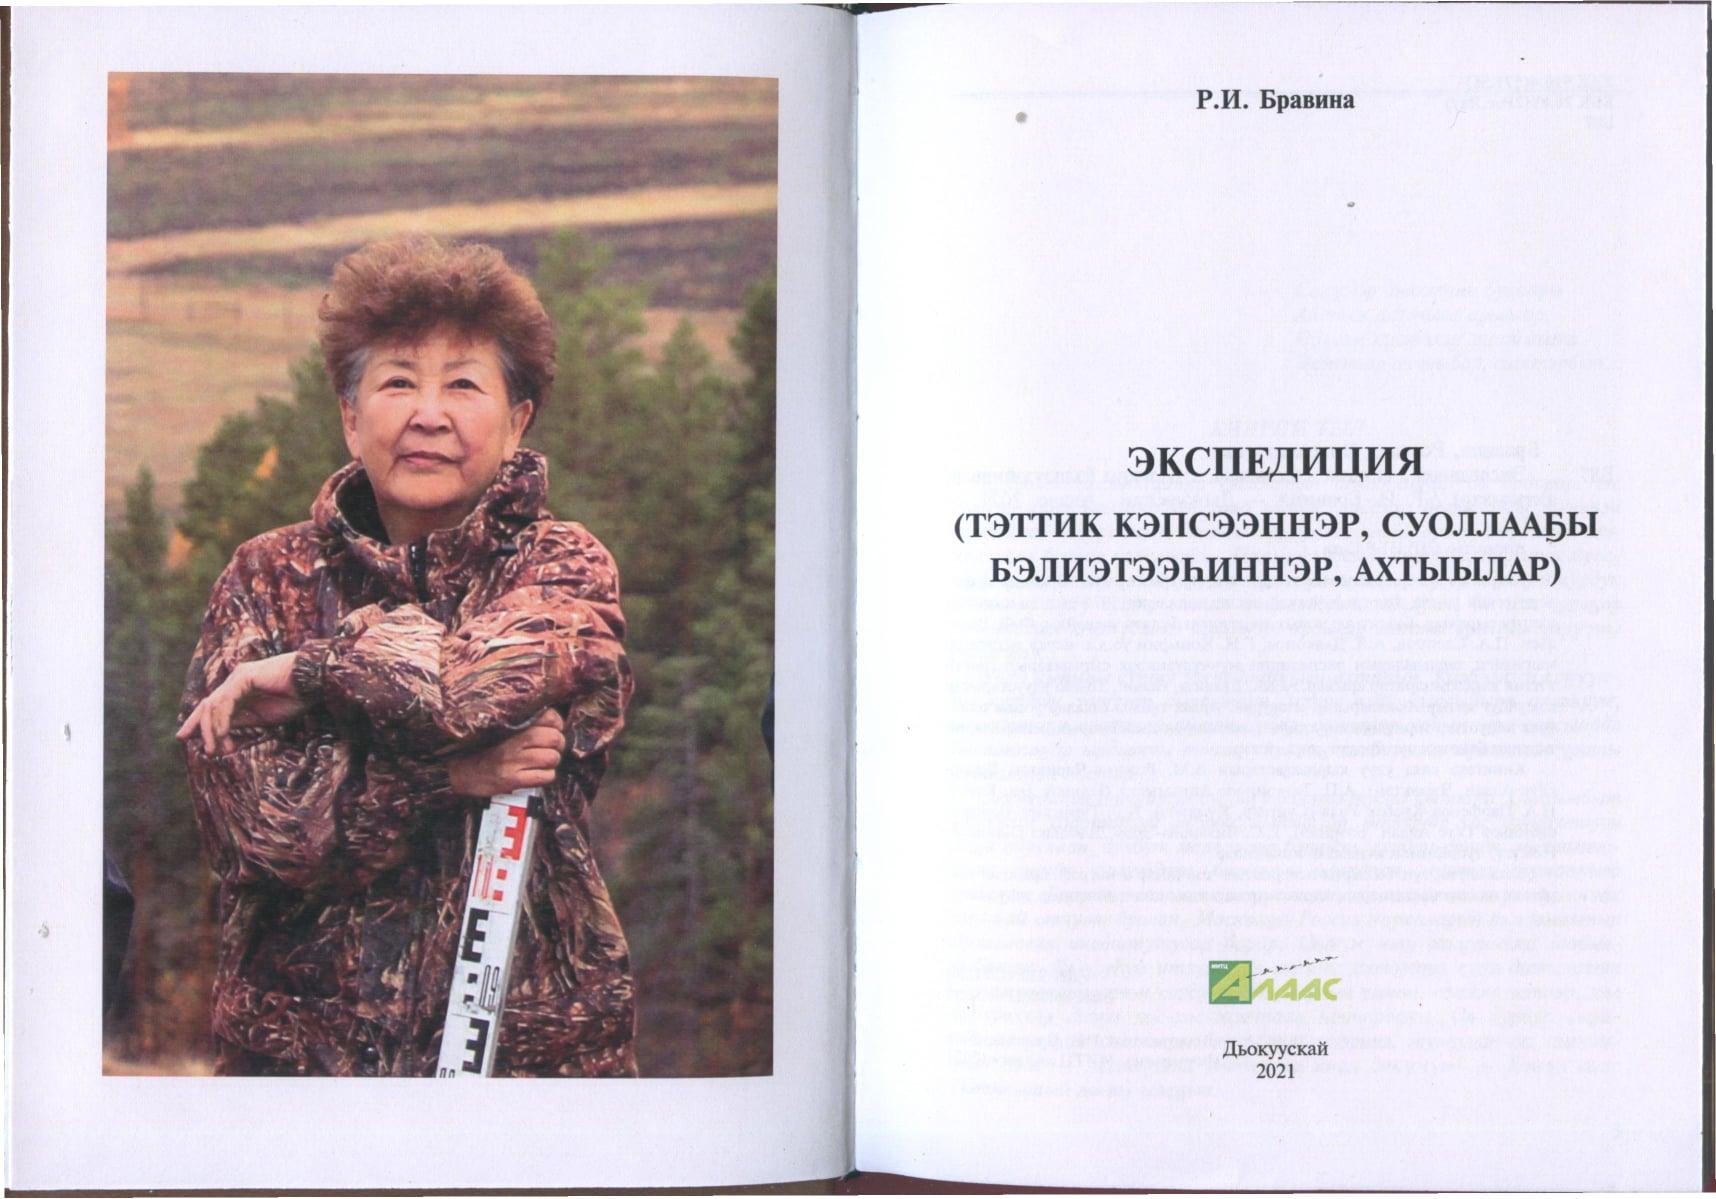 Профессор Розалия БРАВИНА археологияҕа сыһыаннаах кинигэ суруйда